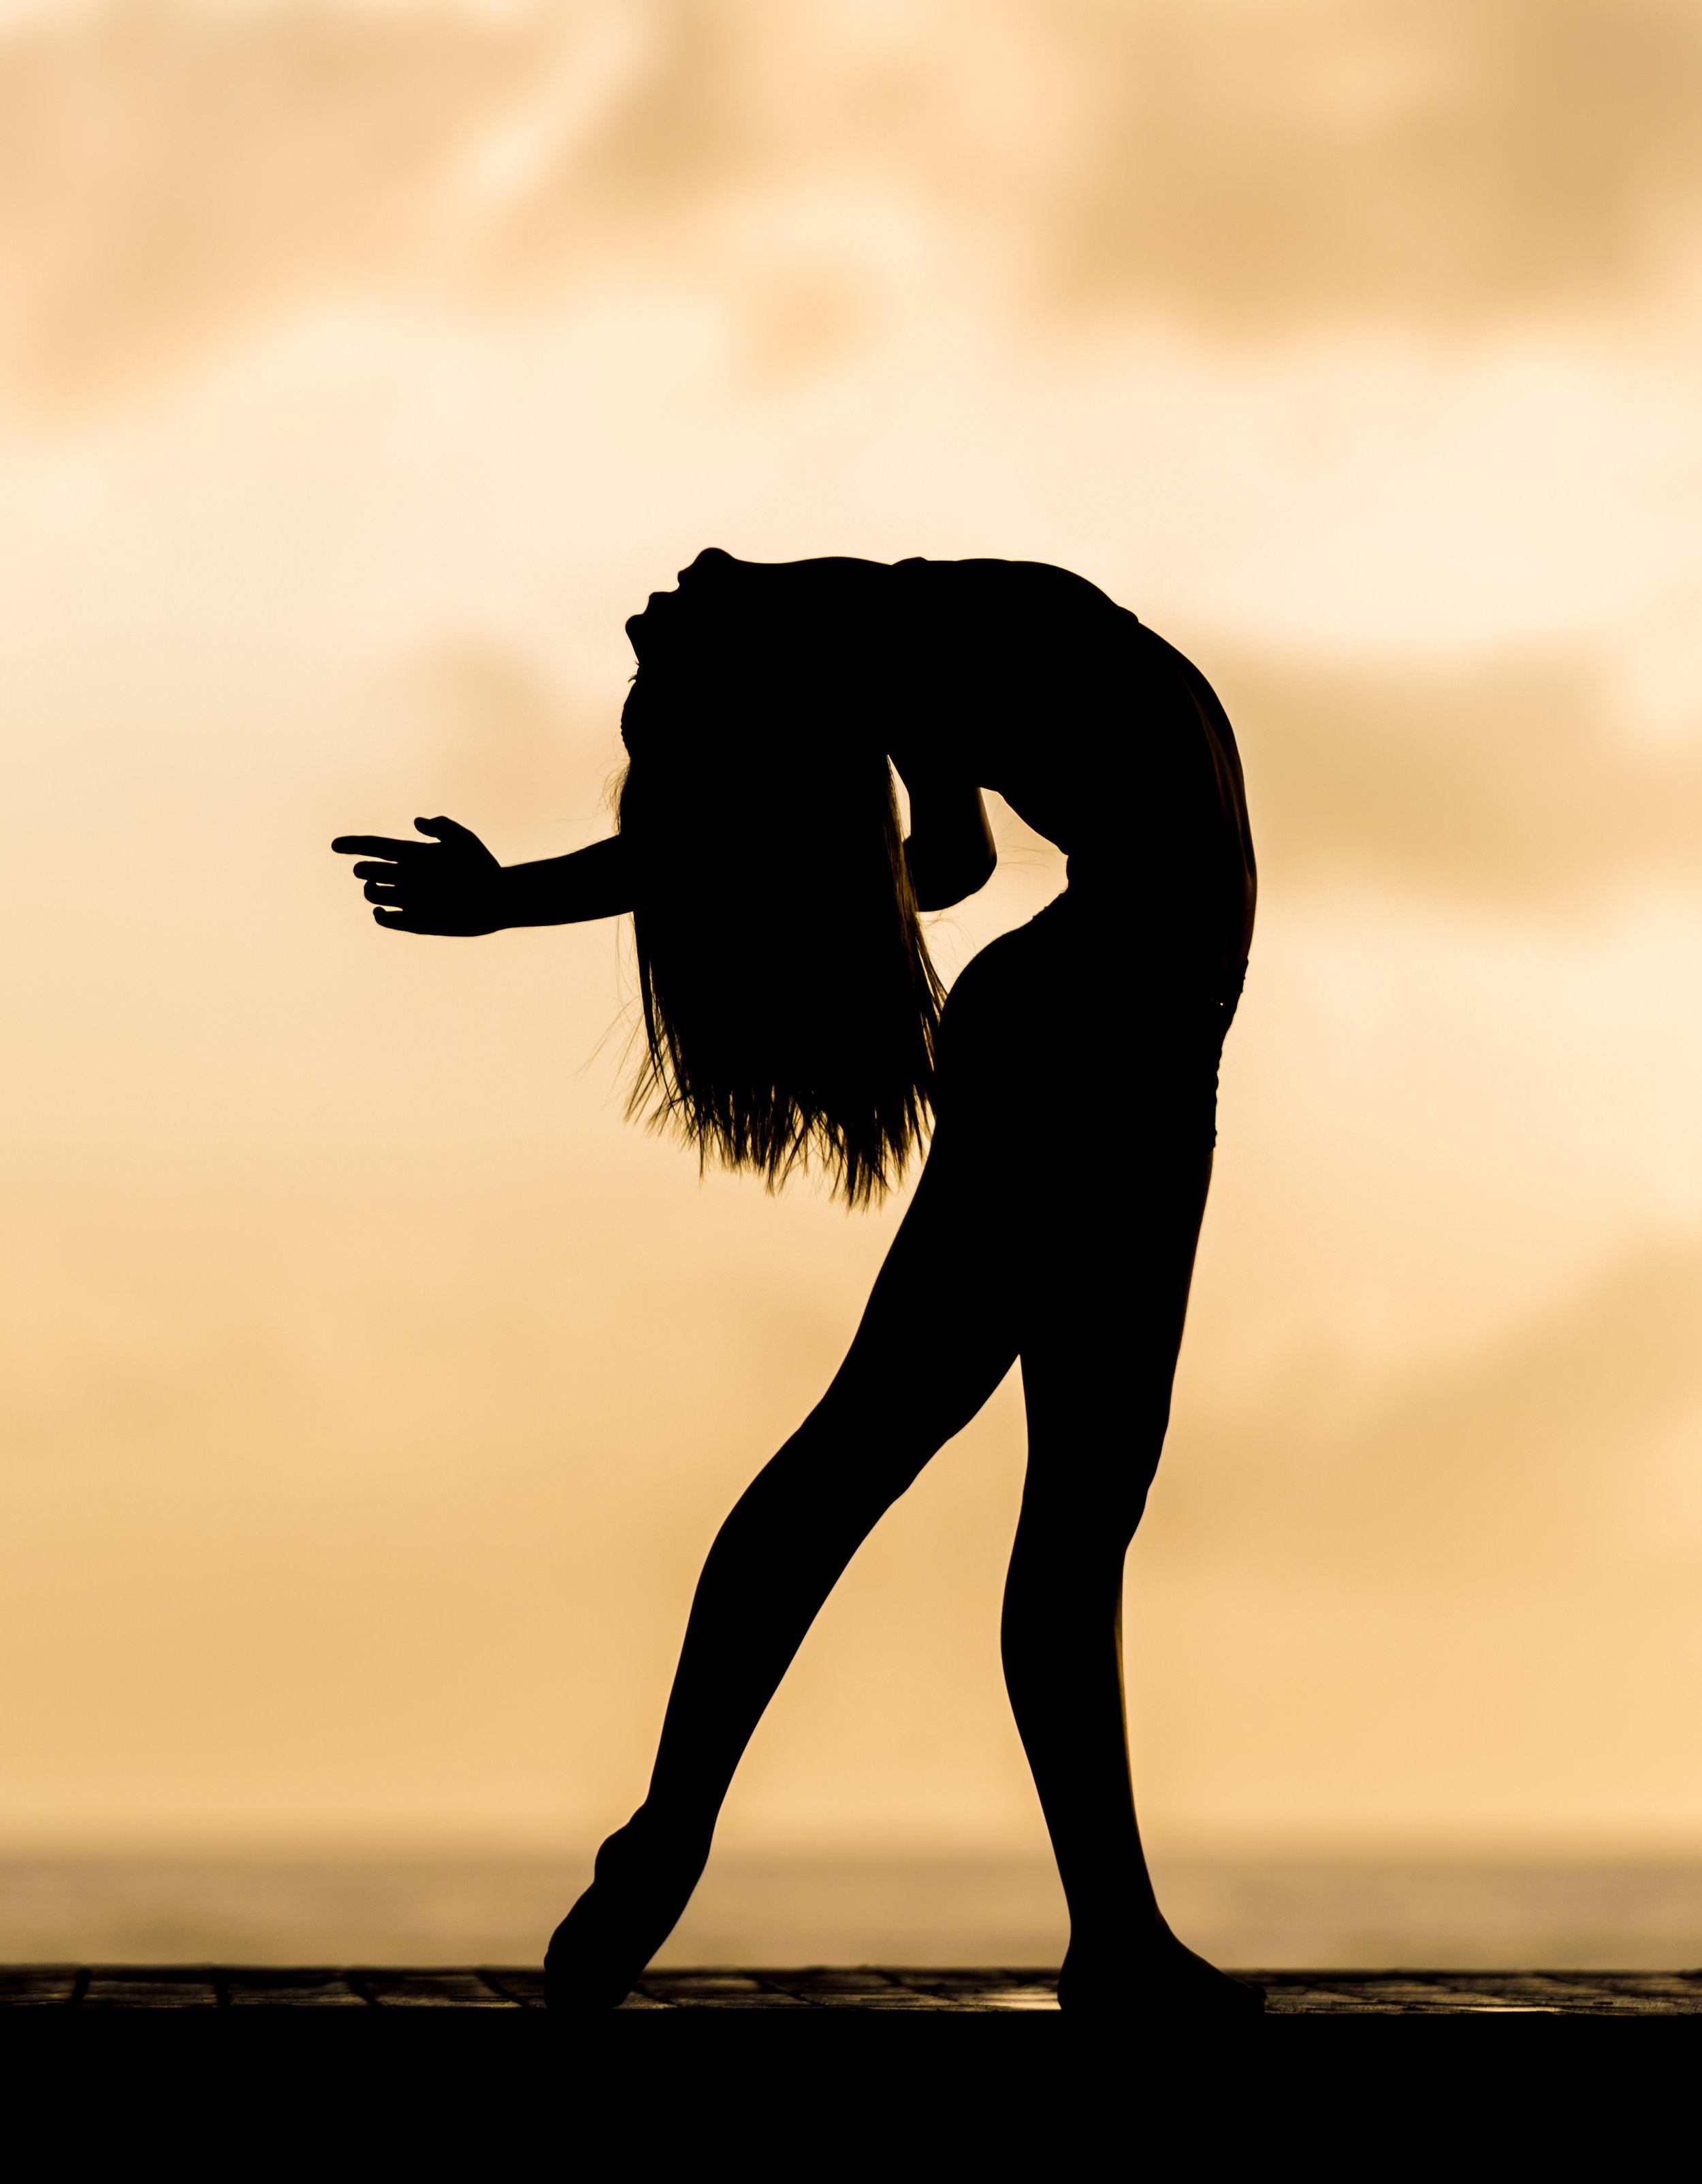 Elemente dieser Immersion sind: - •Erforschung der interkulturellen Wurzeln von Bewegungsmeditation und Trance Dance• Die Kosmologie von Nataraj, dem koschmischen Tänzer oder tanzenden Shiva• Invocation & Sound – Mantras & Opening Chants• Einführung in Sahaja* Bewegungsflows (spontan, frei, instinktiv)• Hingabe in Bewegung – Prana Flow Namaskars für Yoga Trance Dance• Sahaja Prana Vinyasa – Wege, um Sahaja Flow ins Vinyasa Yoga zu integrieren• Anleiten von Bewegungsmeditationen für die 5 Elemente – Erde, Wasser, Feuer, Luft, Äther• Anleiten von Trance Dance spezifischen Kriyas (dynamischen Reinigungspraktiken)• Anleiten von freiem ekstatischem Tanz• Das halten und schaffen eines Heiligen Raums für kollektive Bewegung, Tanz und Meditation• Musik Sequencing & Inspirationen einer Yoga Trance Dance session• die Kunst der Sprache - Poesie & Intuition